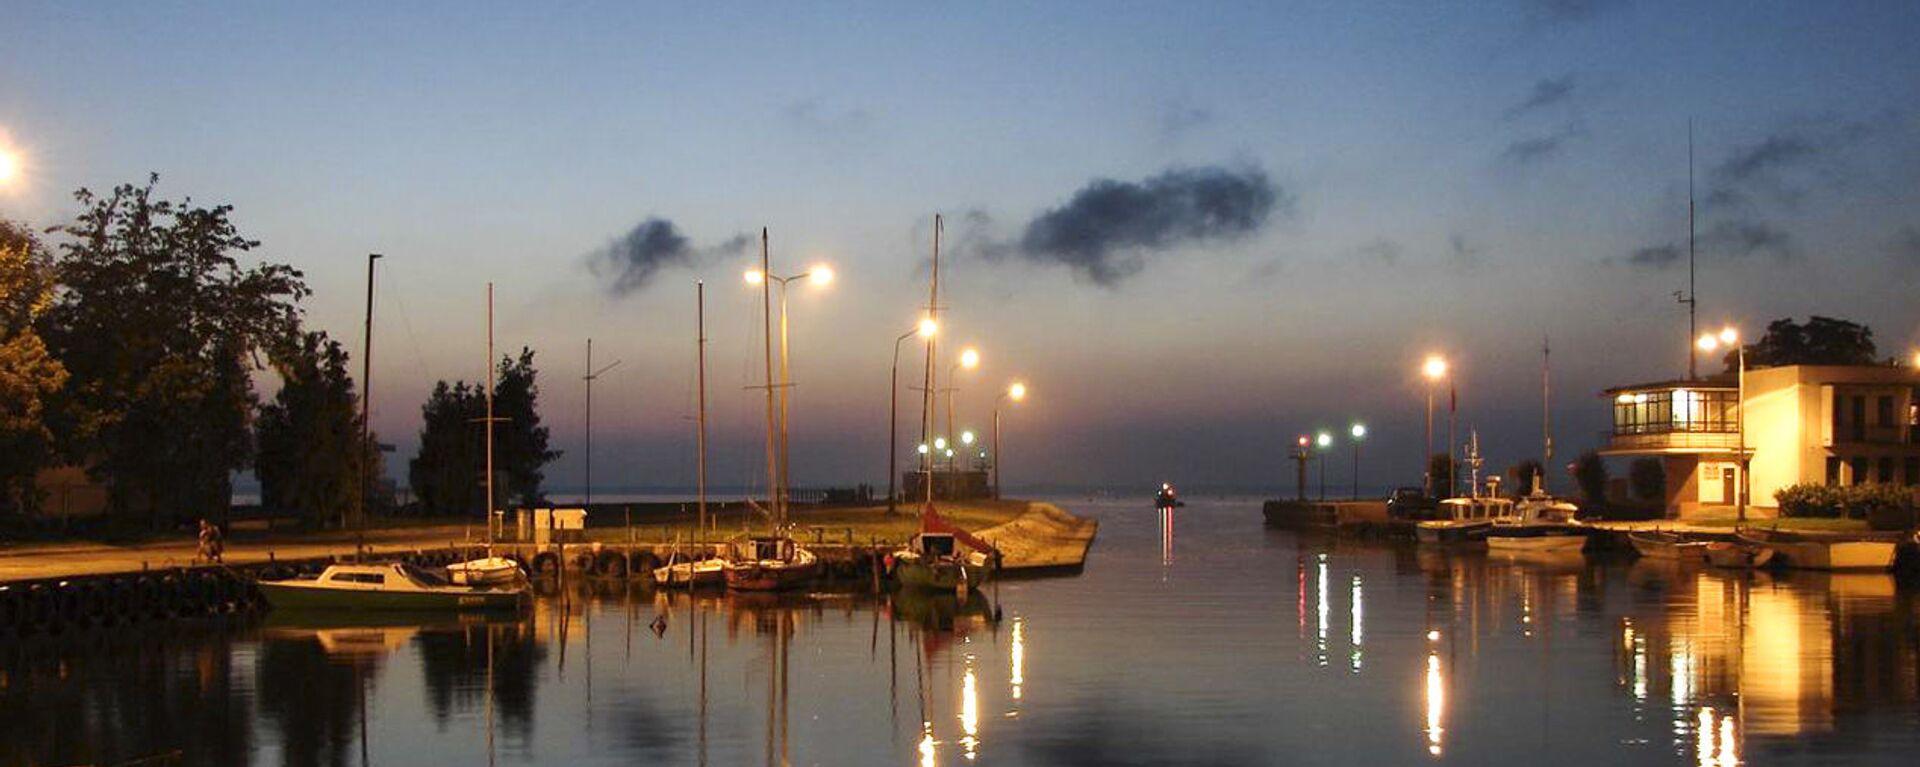 Polski rząd podjął decyzję ws. budowy kanału, który połączy Morze Bałtyckie z Zalewem Wiślanym. - Sputnik Polska, 1920, 10.06.2021